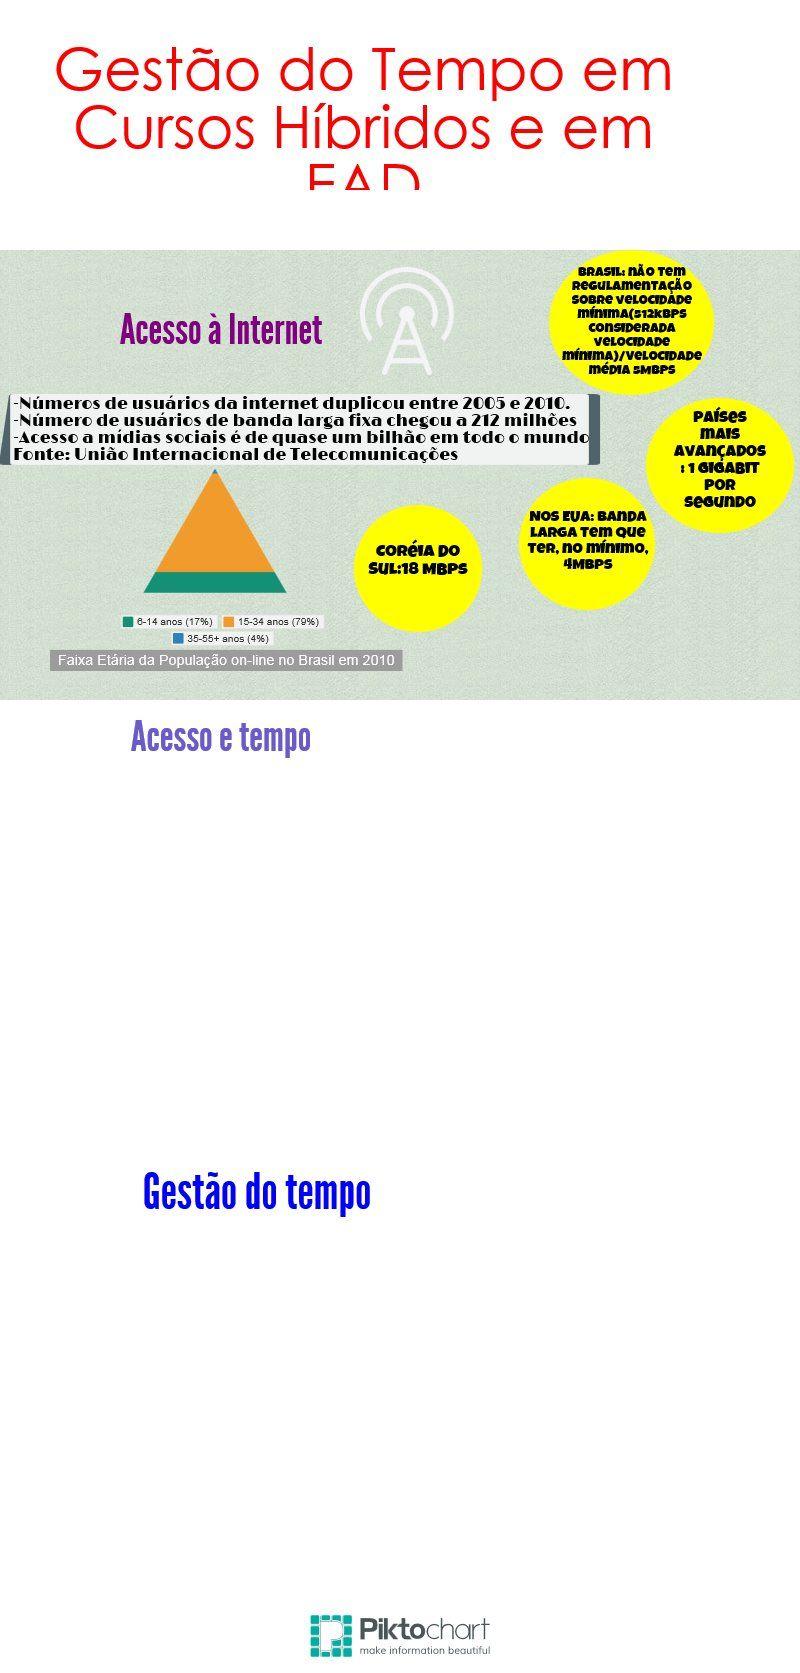 Gestão do Tempo em Cursos Híbridos e EAD | @Piktochart Infographic